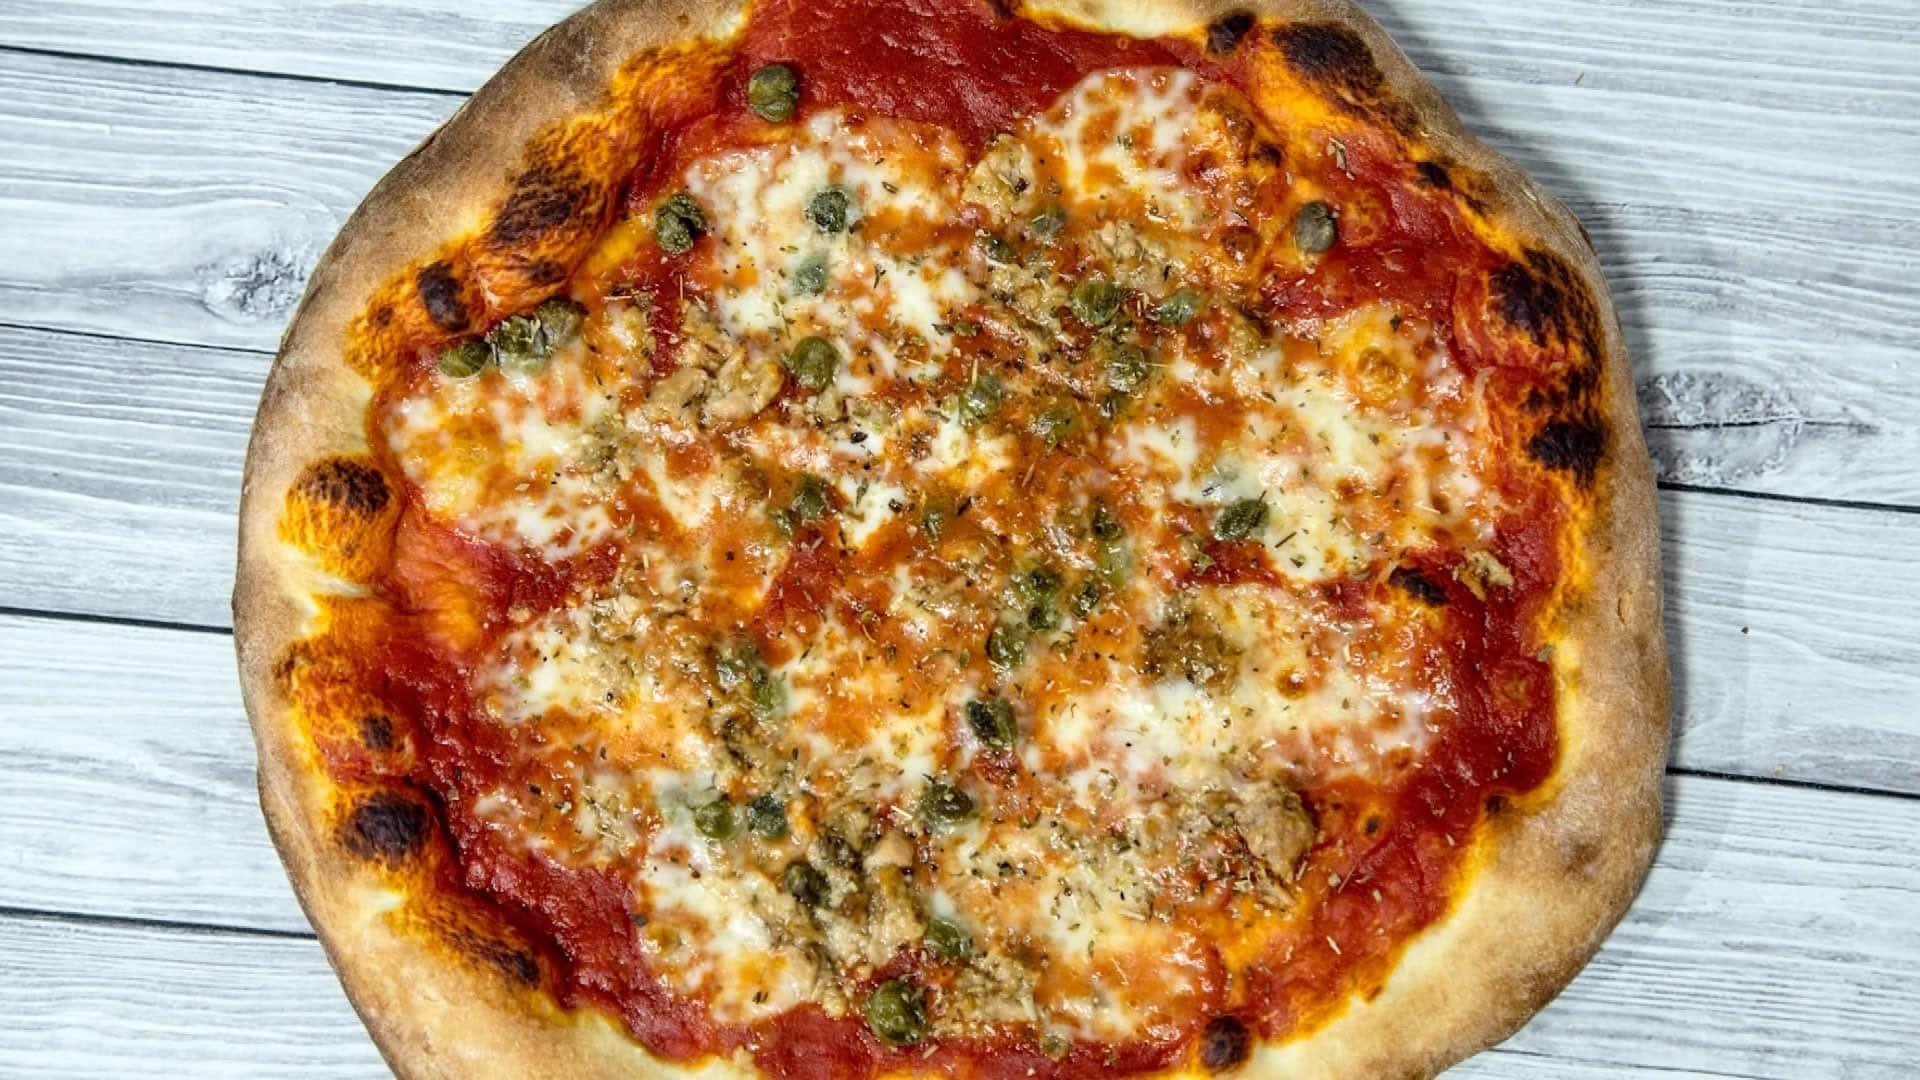 Ricetta Impasto Pizza A Lunga Lievitazione.Pizza 24 Ore A Lunga Lievitazione